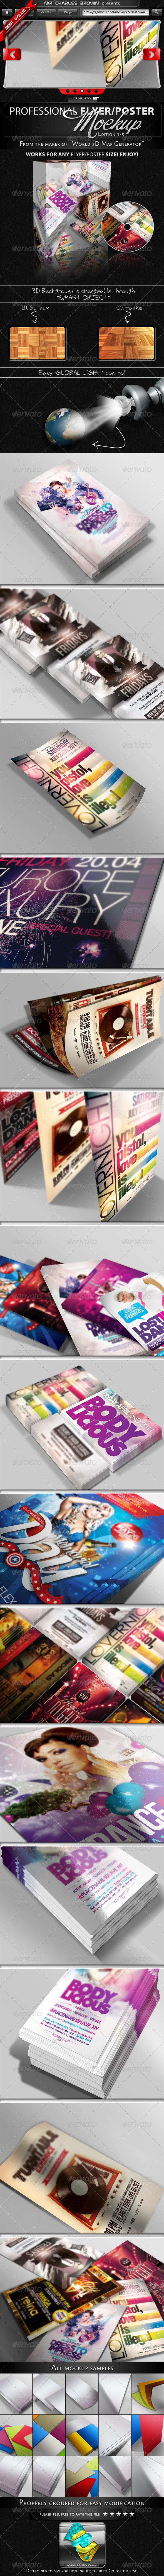 Flyer & Poster Mockup Bundle 1-3 - Flyers Print